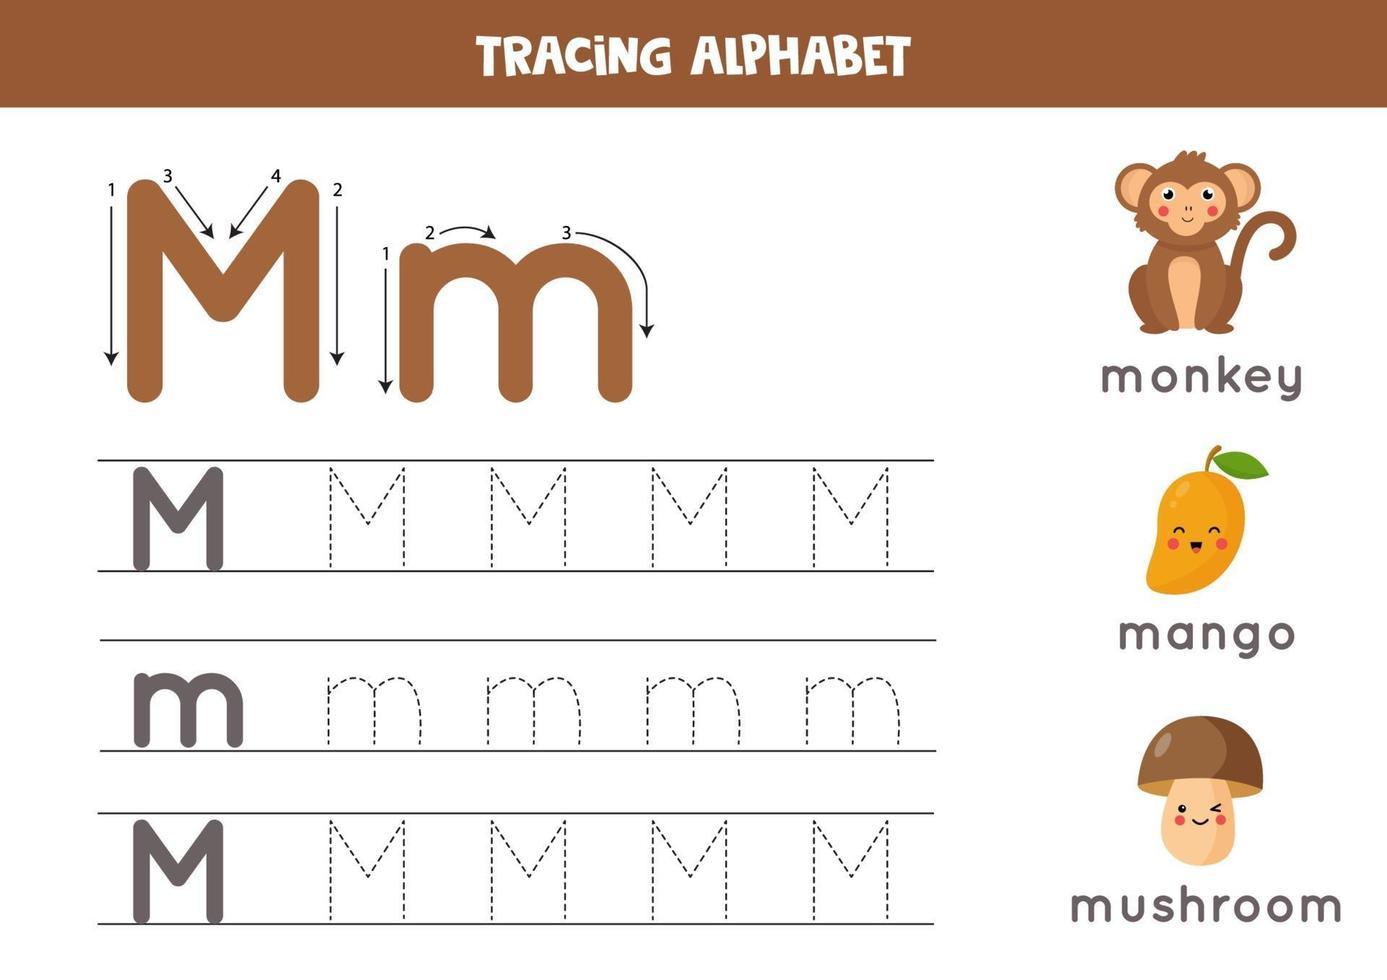 alfabet letter m traceren met schattige cartoonafbeeldingen. vector